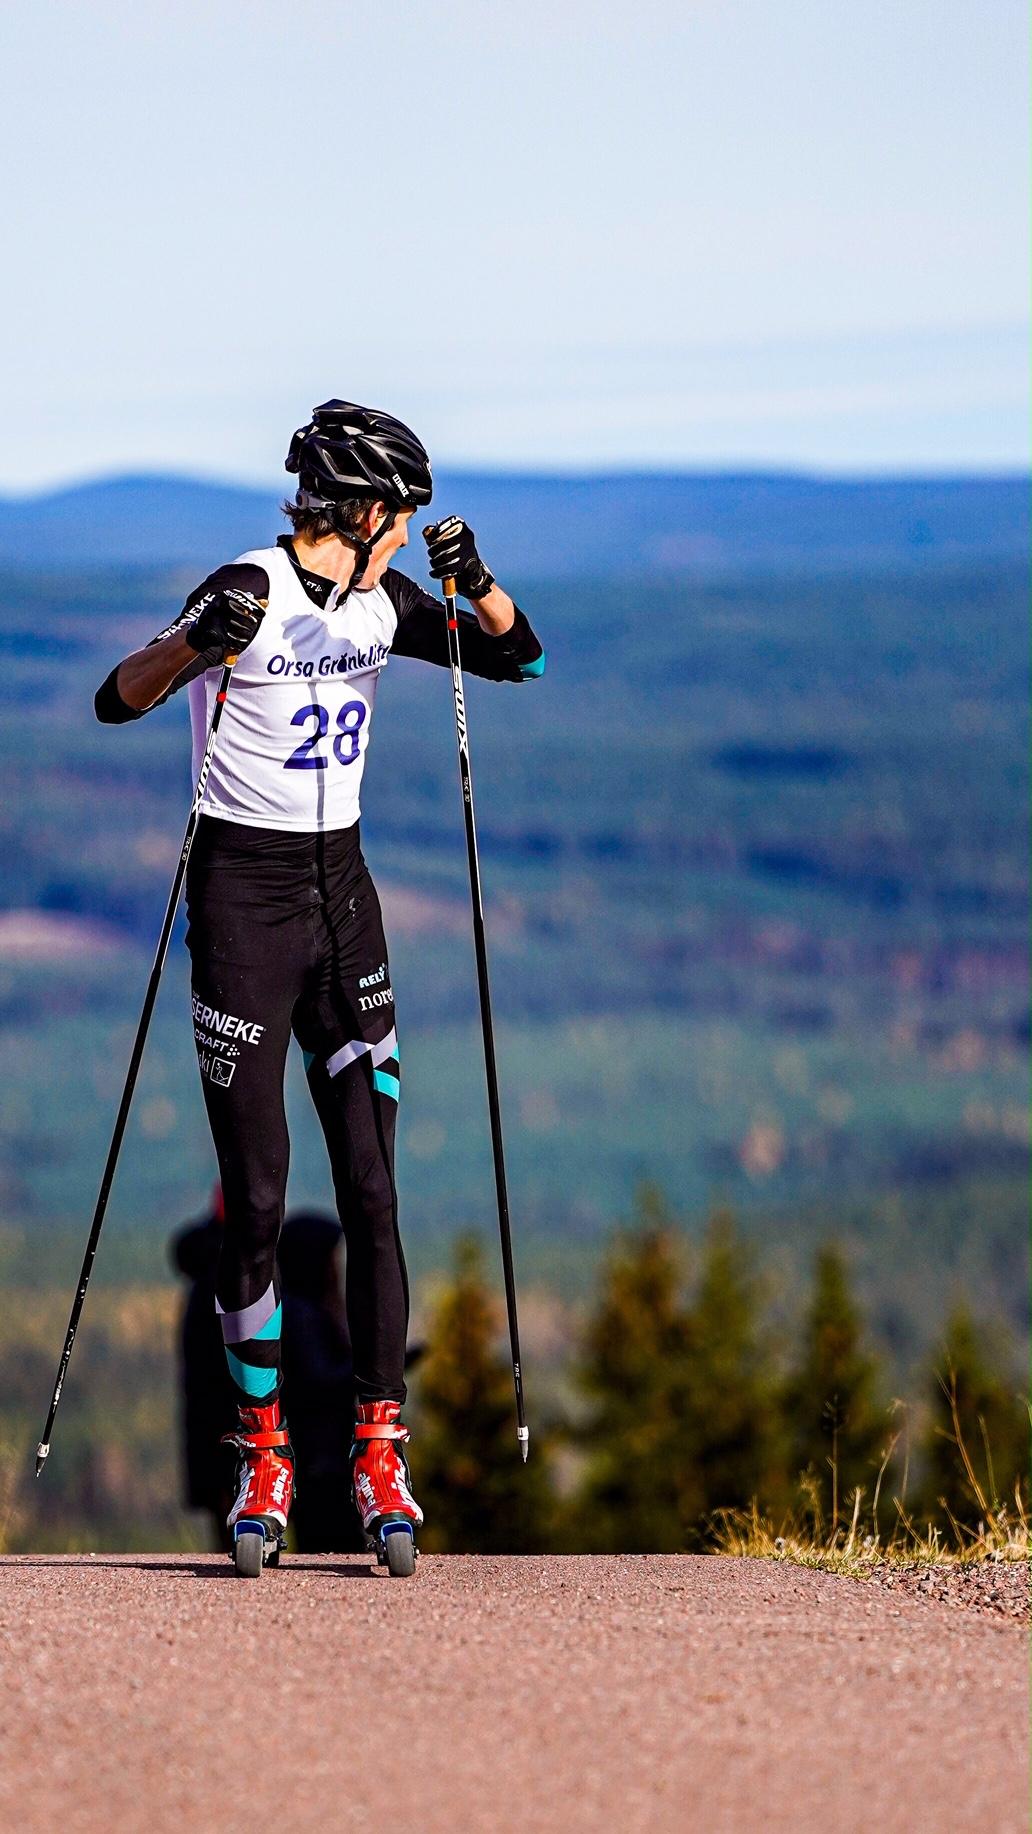 Pontus Nordström vänder sig om och konstaterar att segern är i hamn. FOTO: TW Media.